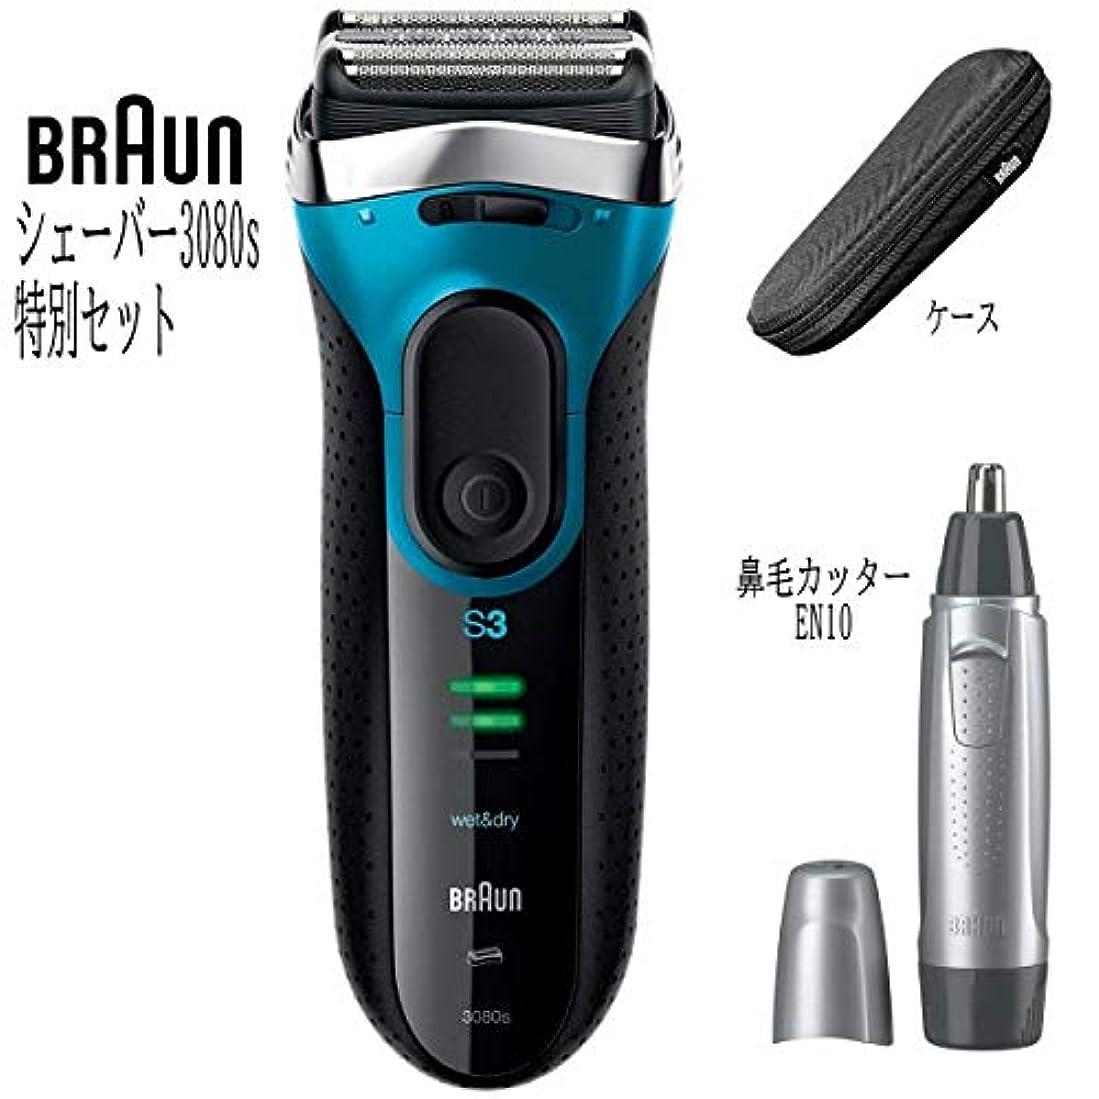 機械的勧める気分が悪いブラウン シリーズ3 メンズシェーバー 3088s-i 特別セット 防水 水洗い可 3080s